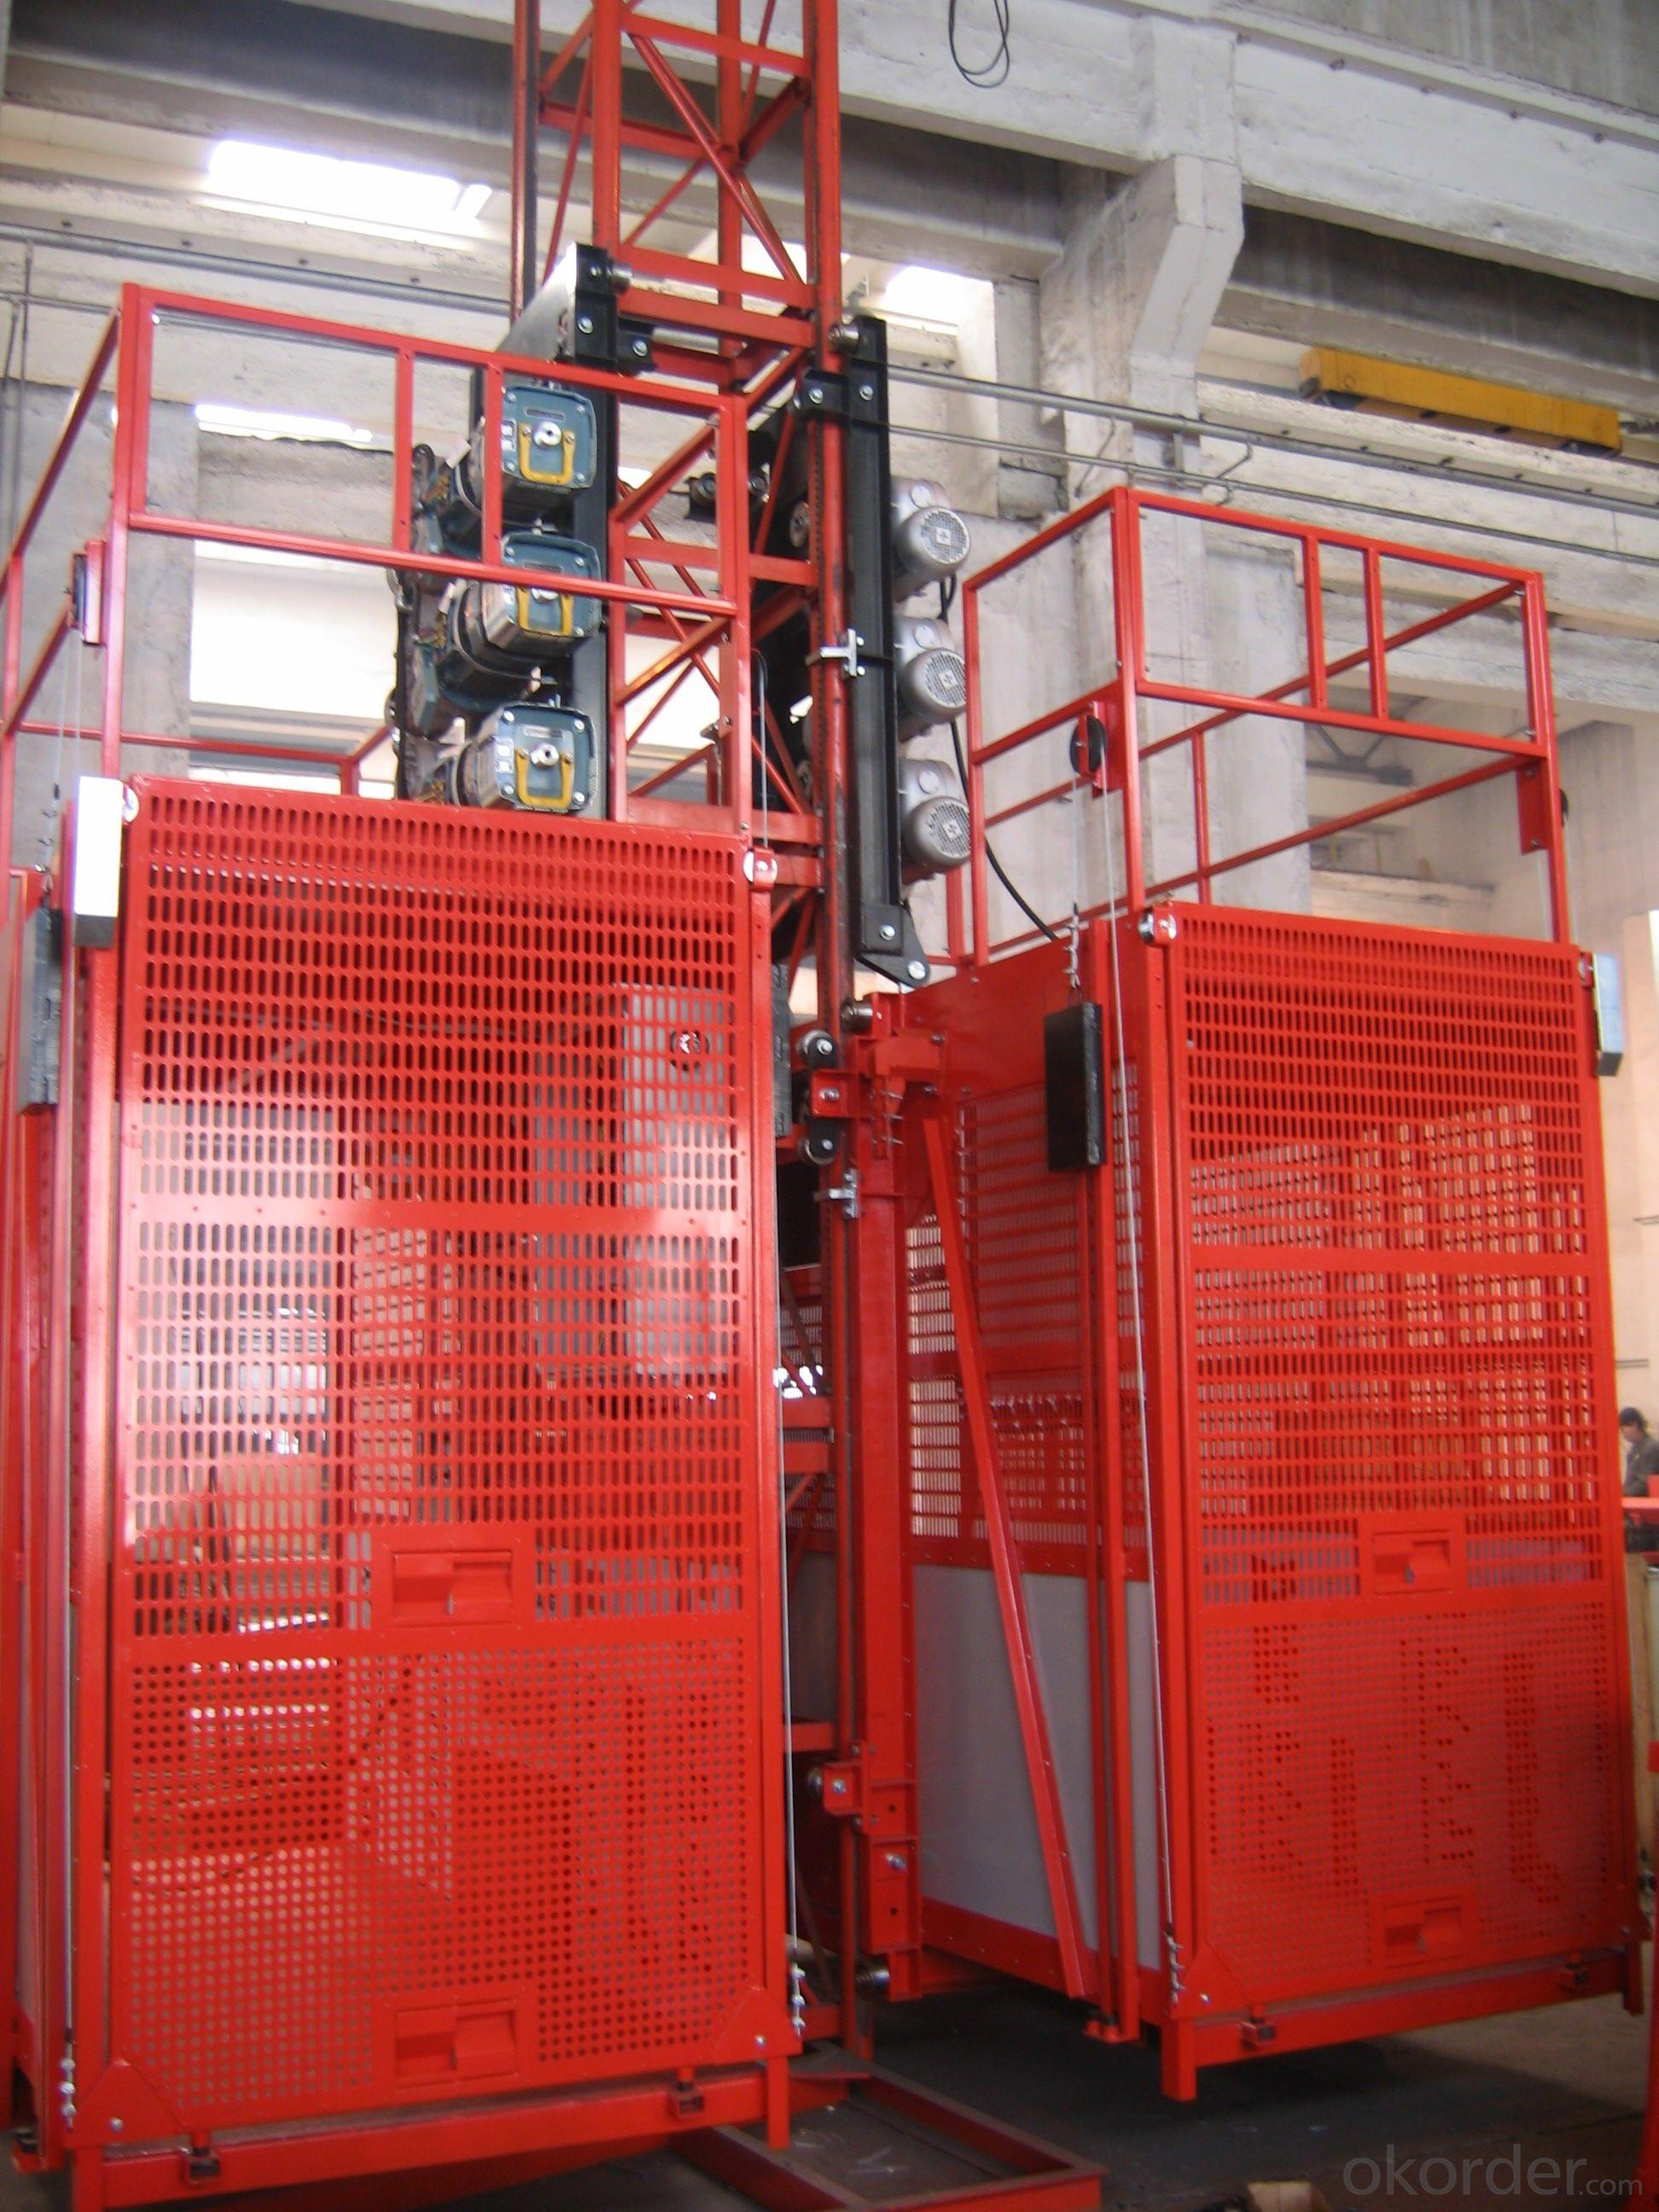 TW construction machine in Guangzhou